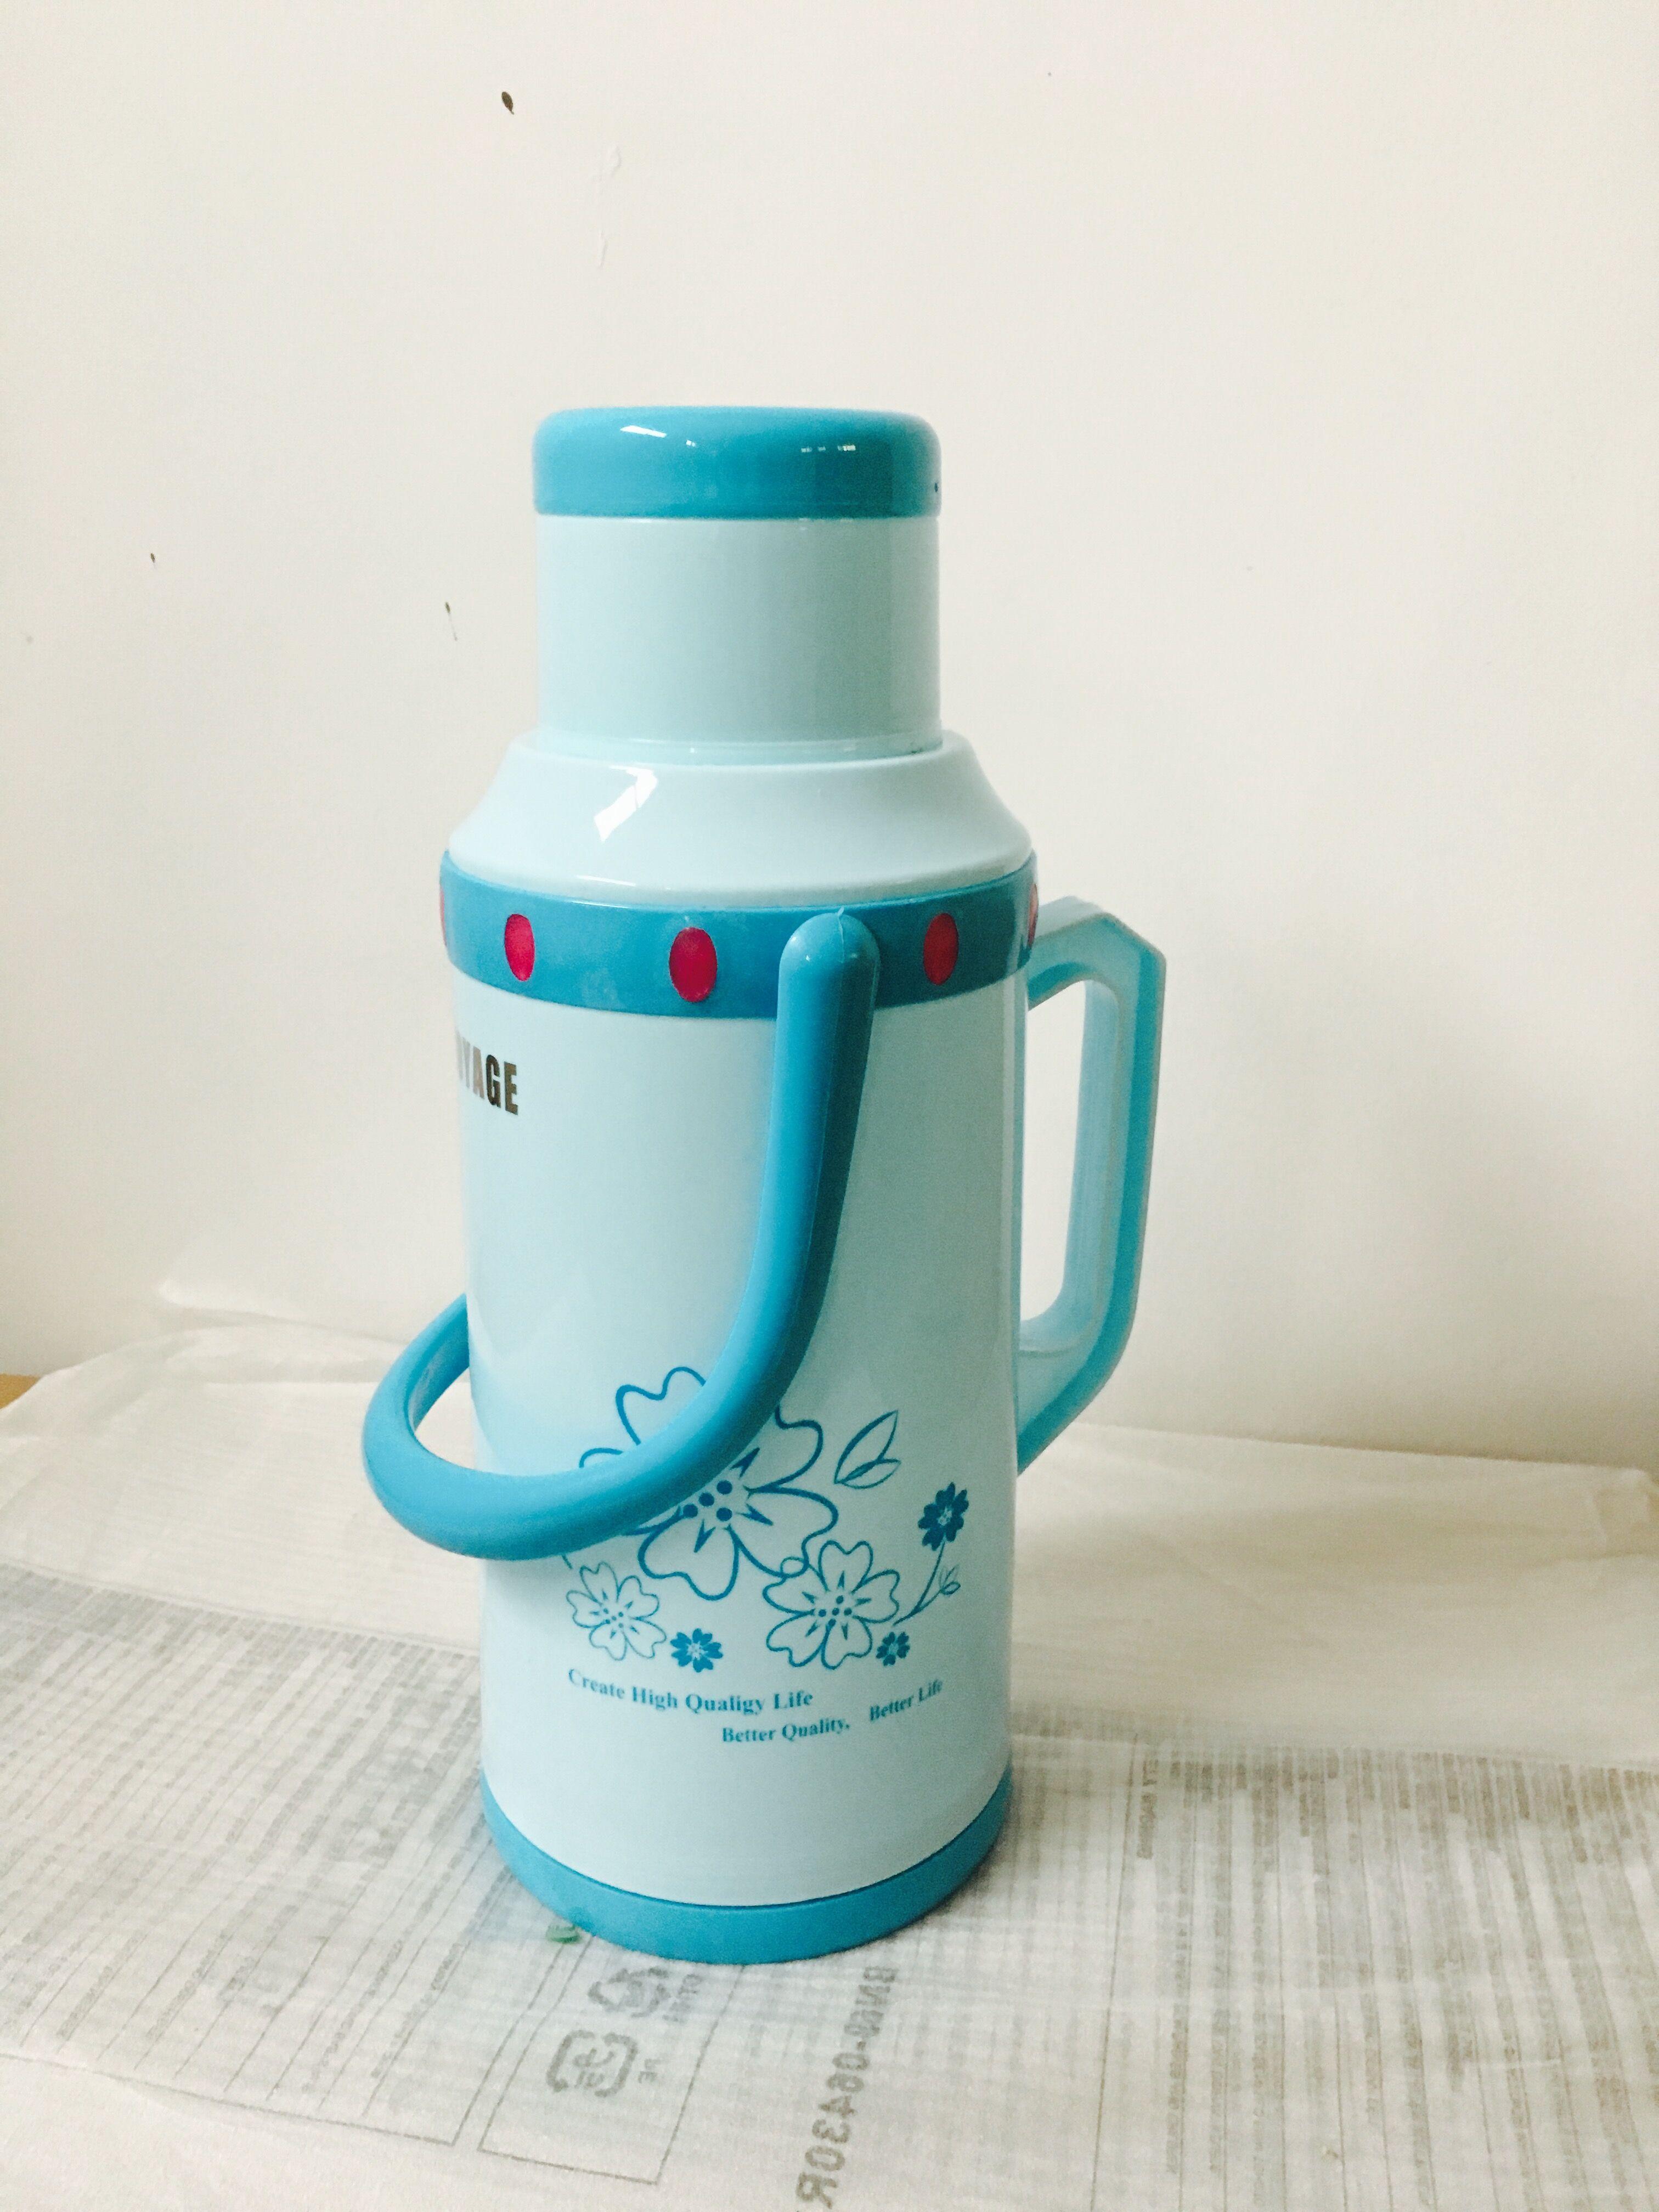 包郵事務プラスチックポットカバー学生ポットポット魔法瓶魔法瓶3.2L殻